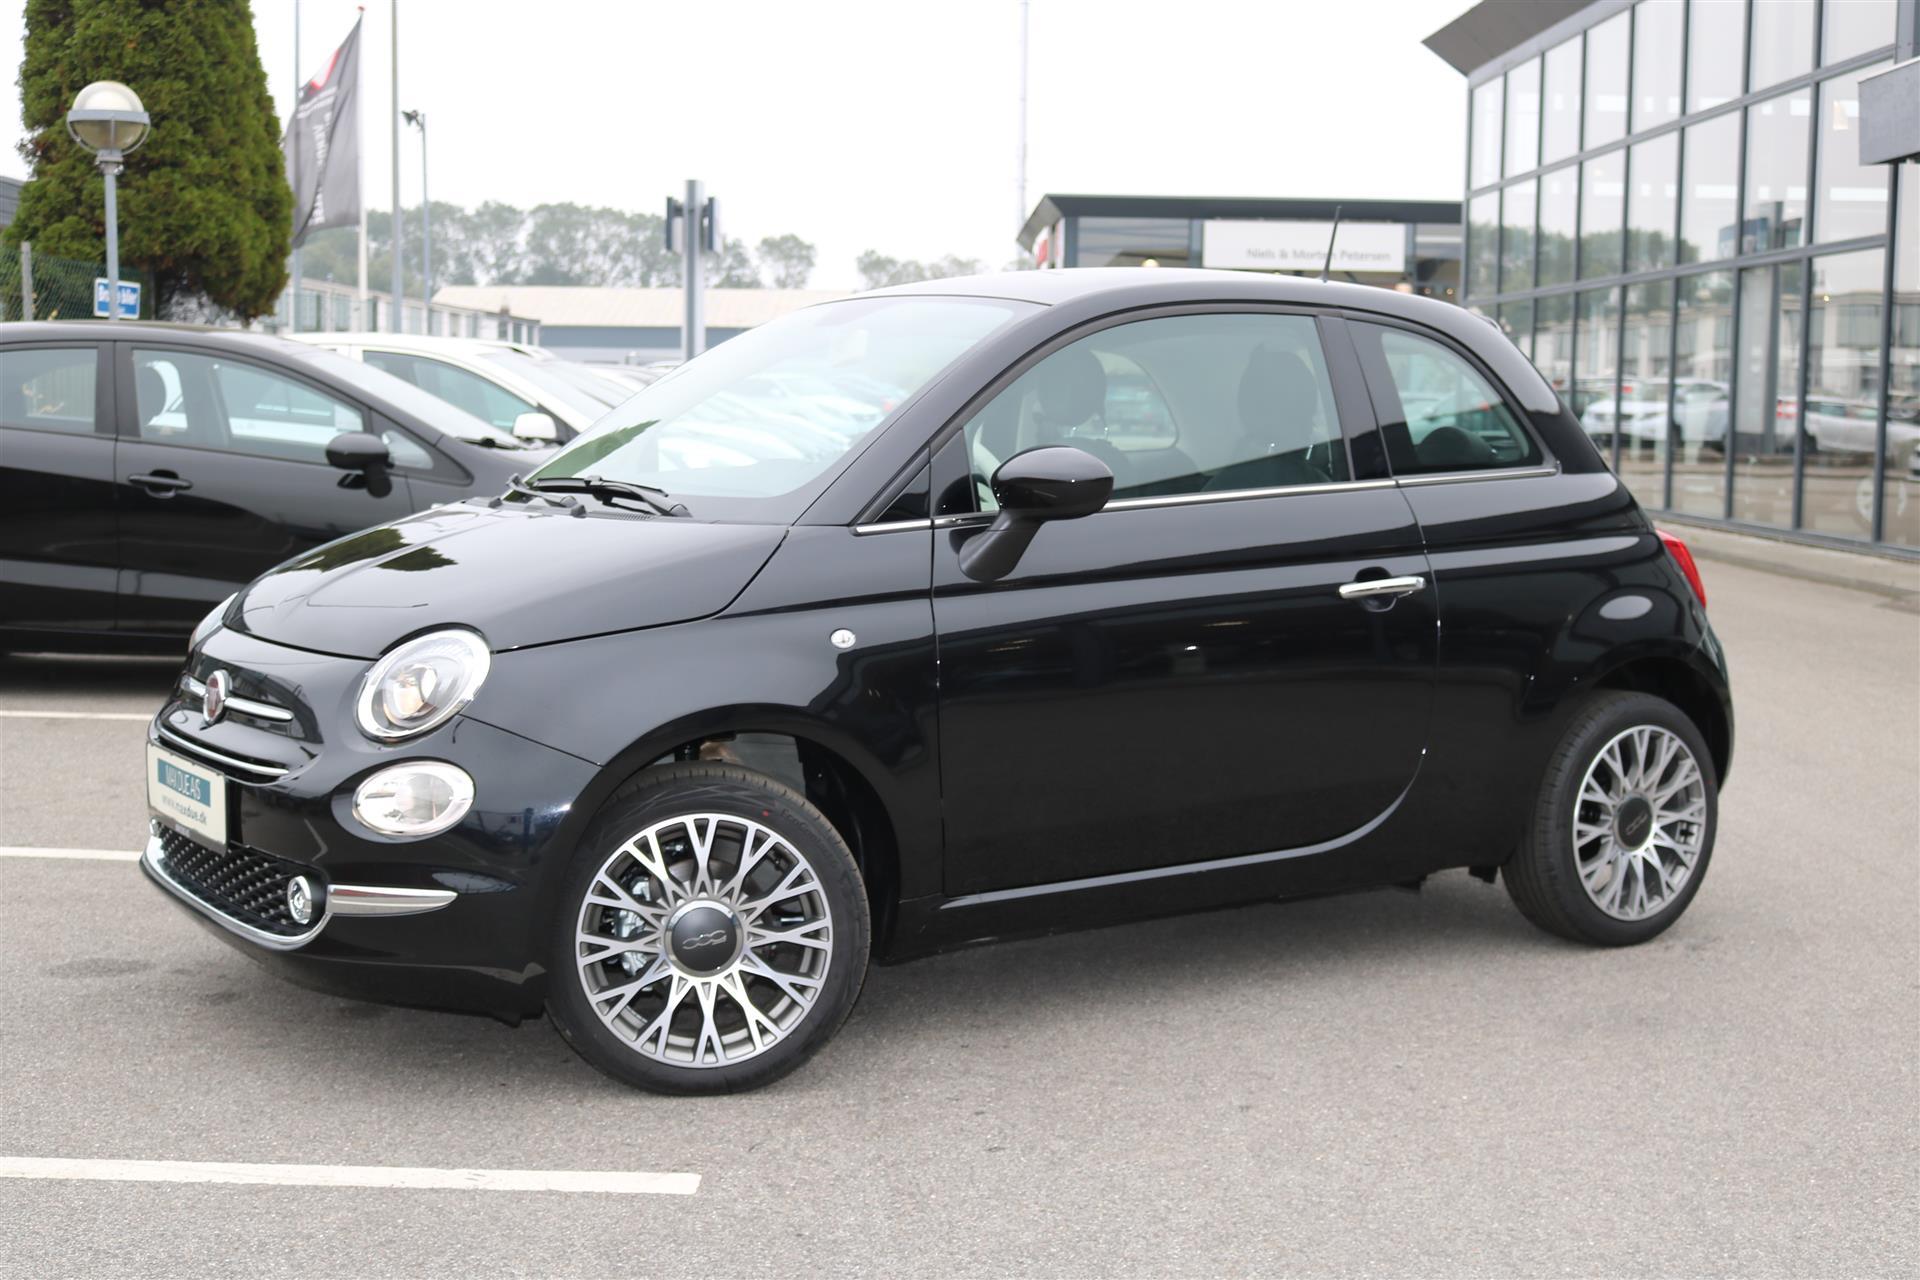 Billede af Fiat 500 1,2 Eco Super Star Start & Stop 69HK 3d